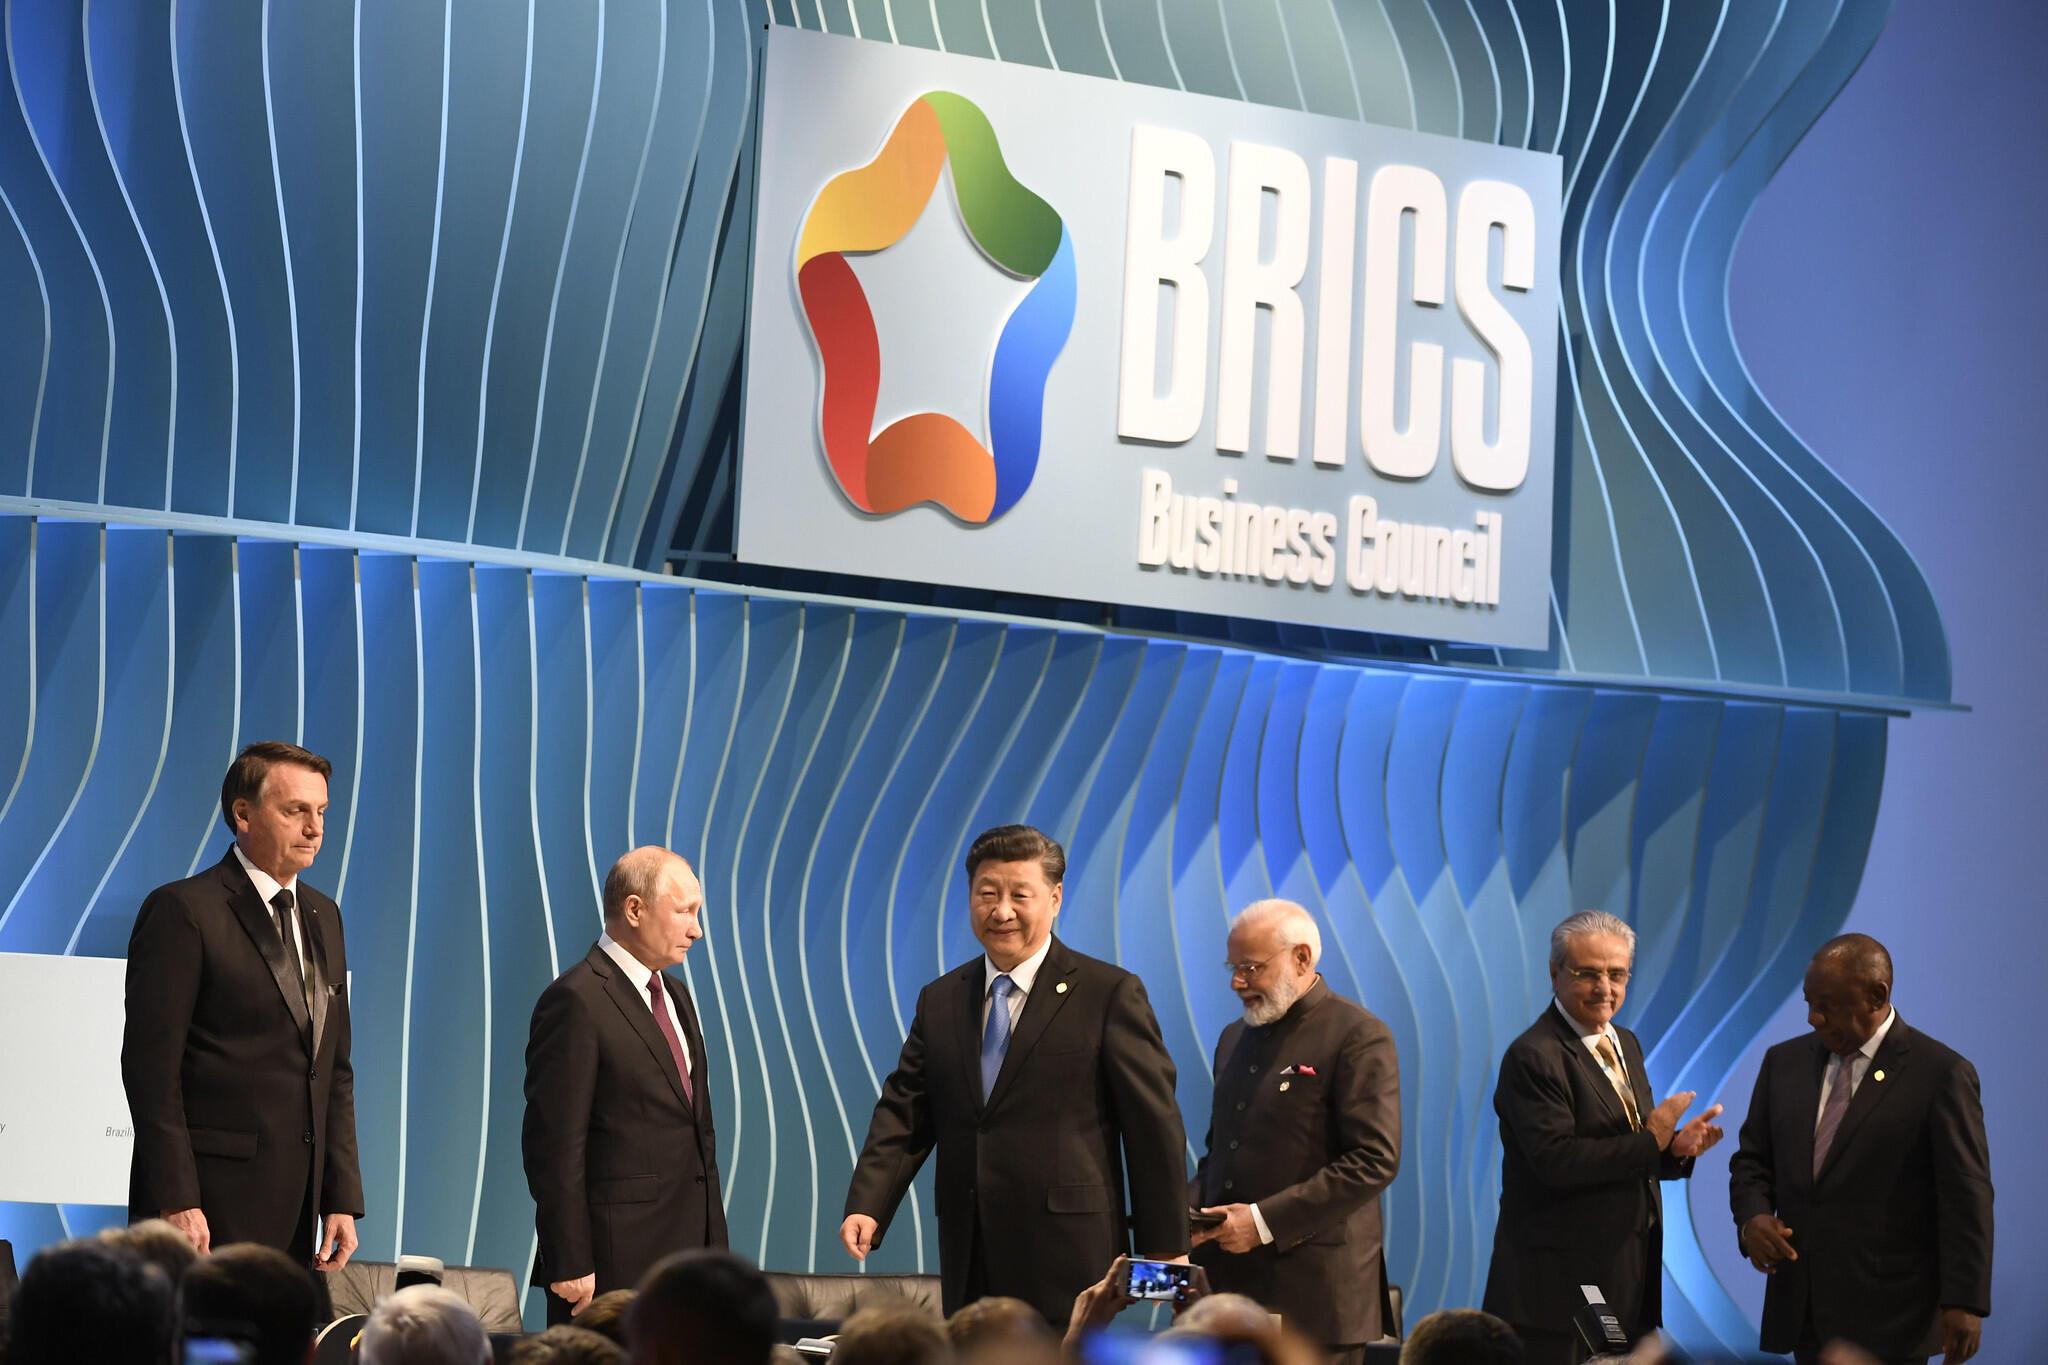 O jornal Le Figaro desta quinta-feira (14) destaca a XI Cúpula do Brics em Brasília.